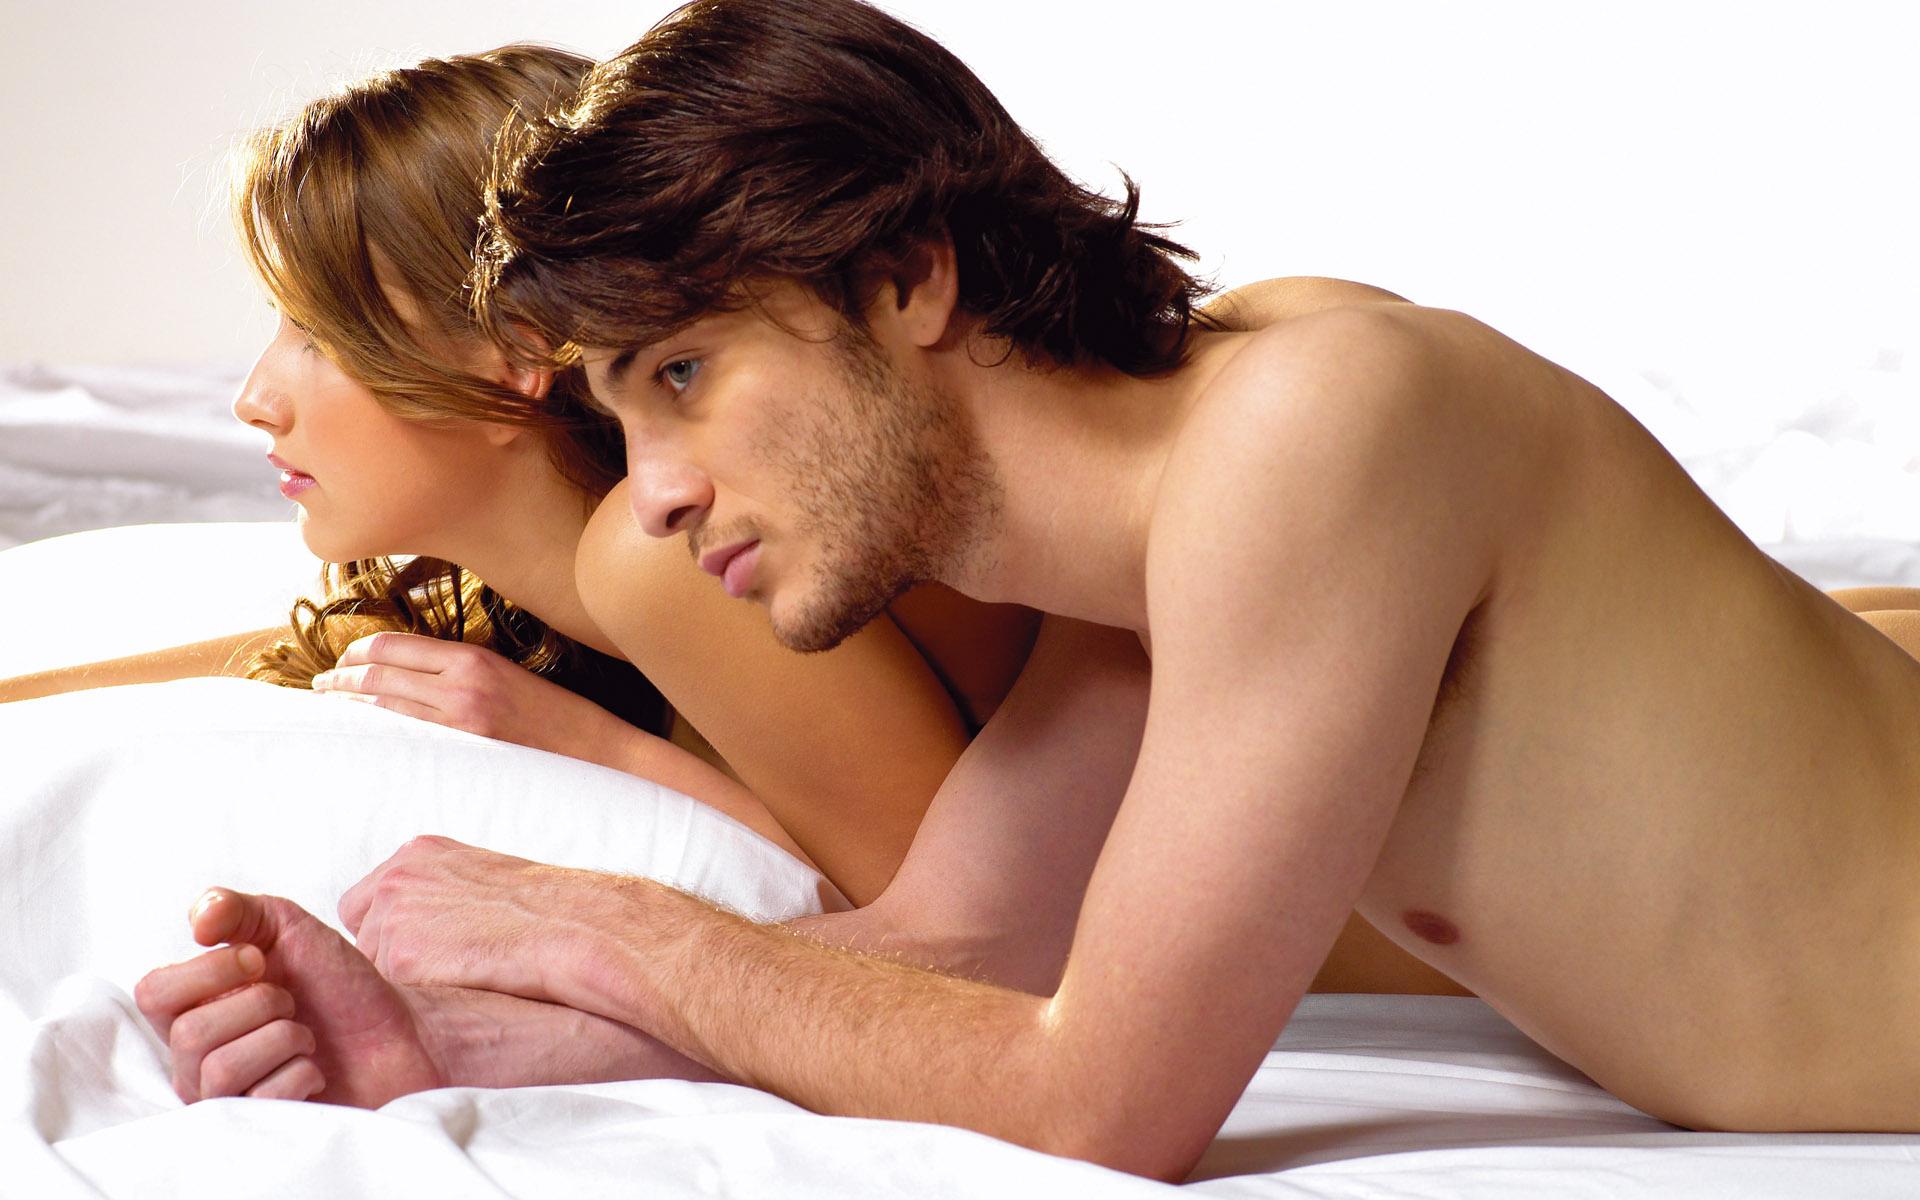 Testis Kanseri Ameliyatından Sonra Cinsel Yaşam Nasıl Olur?